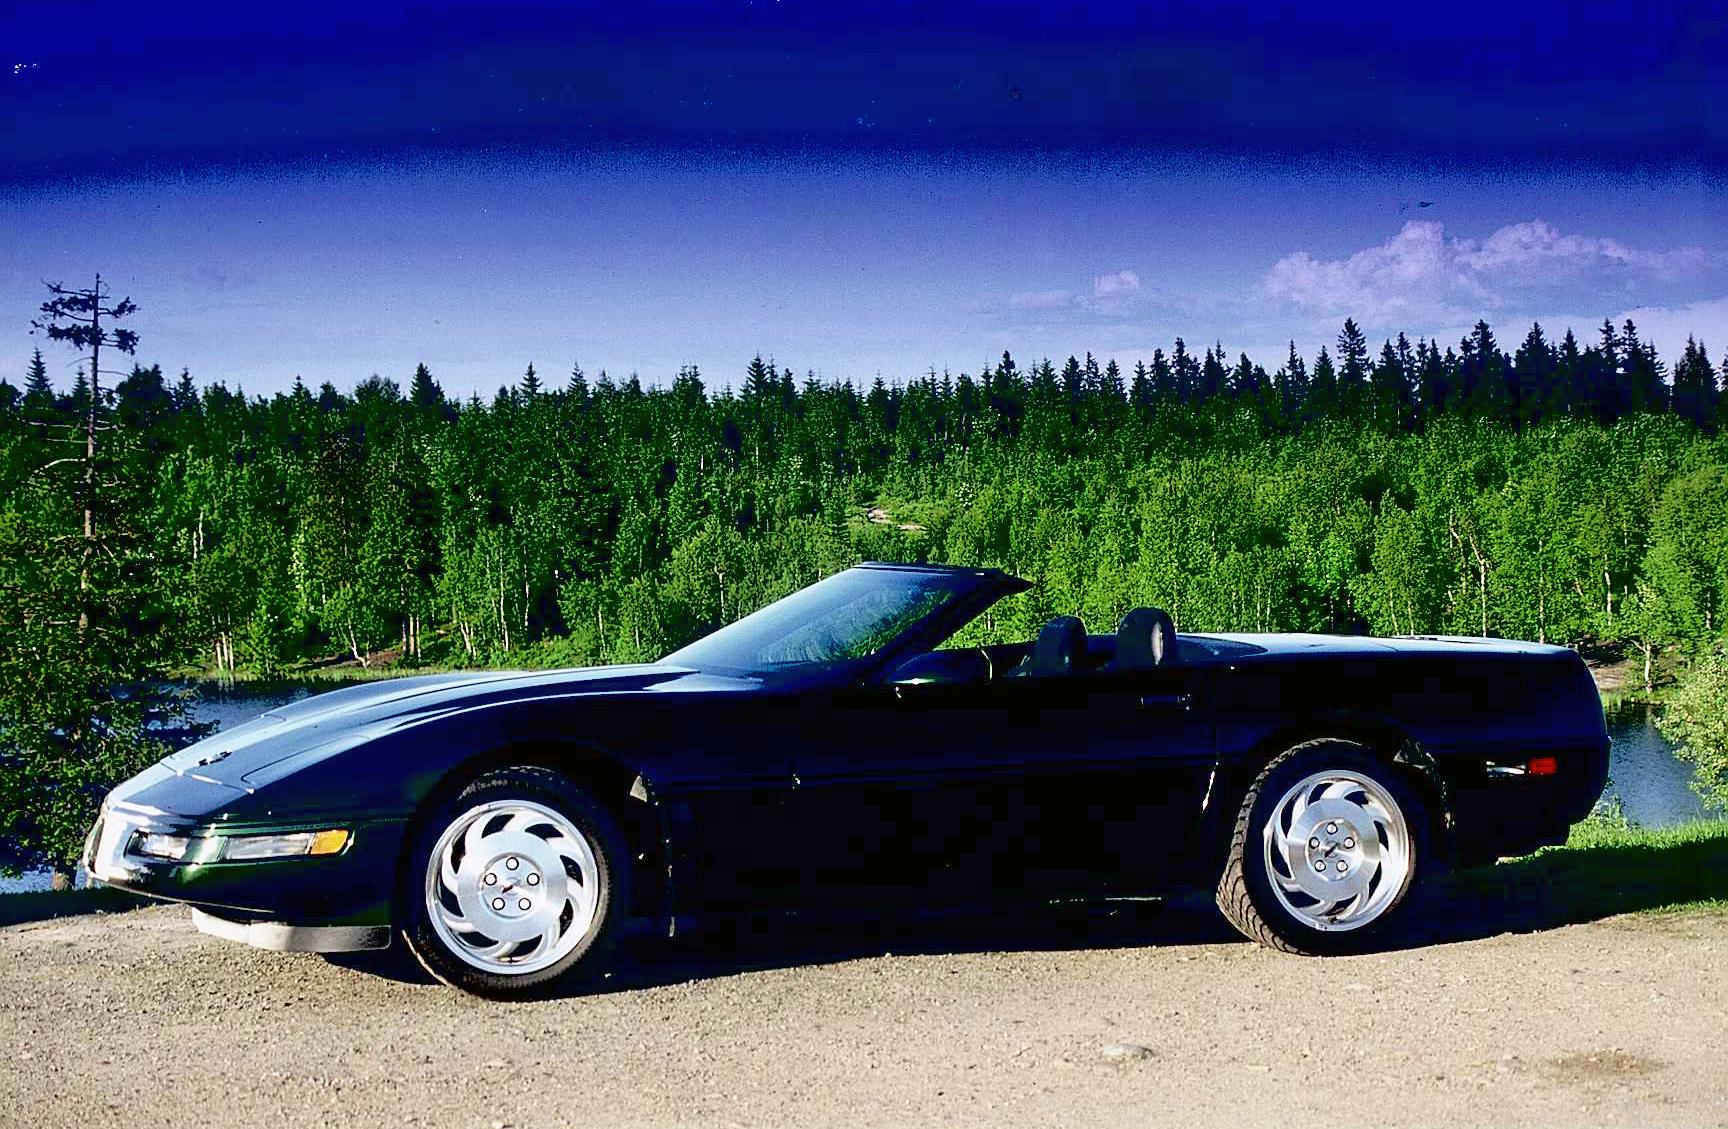 207-1996 Chevrolet Corvette convertible 01. Eier-